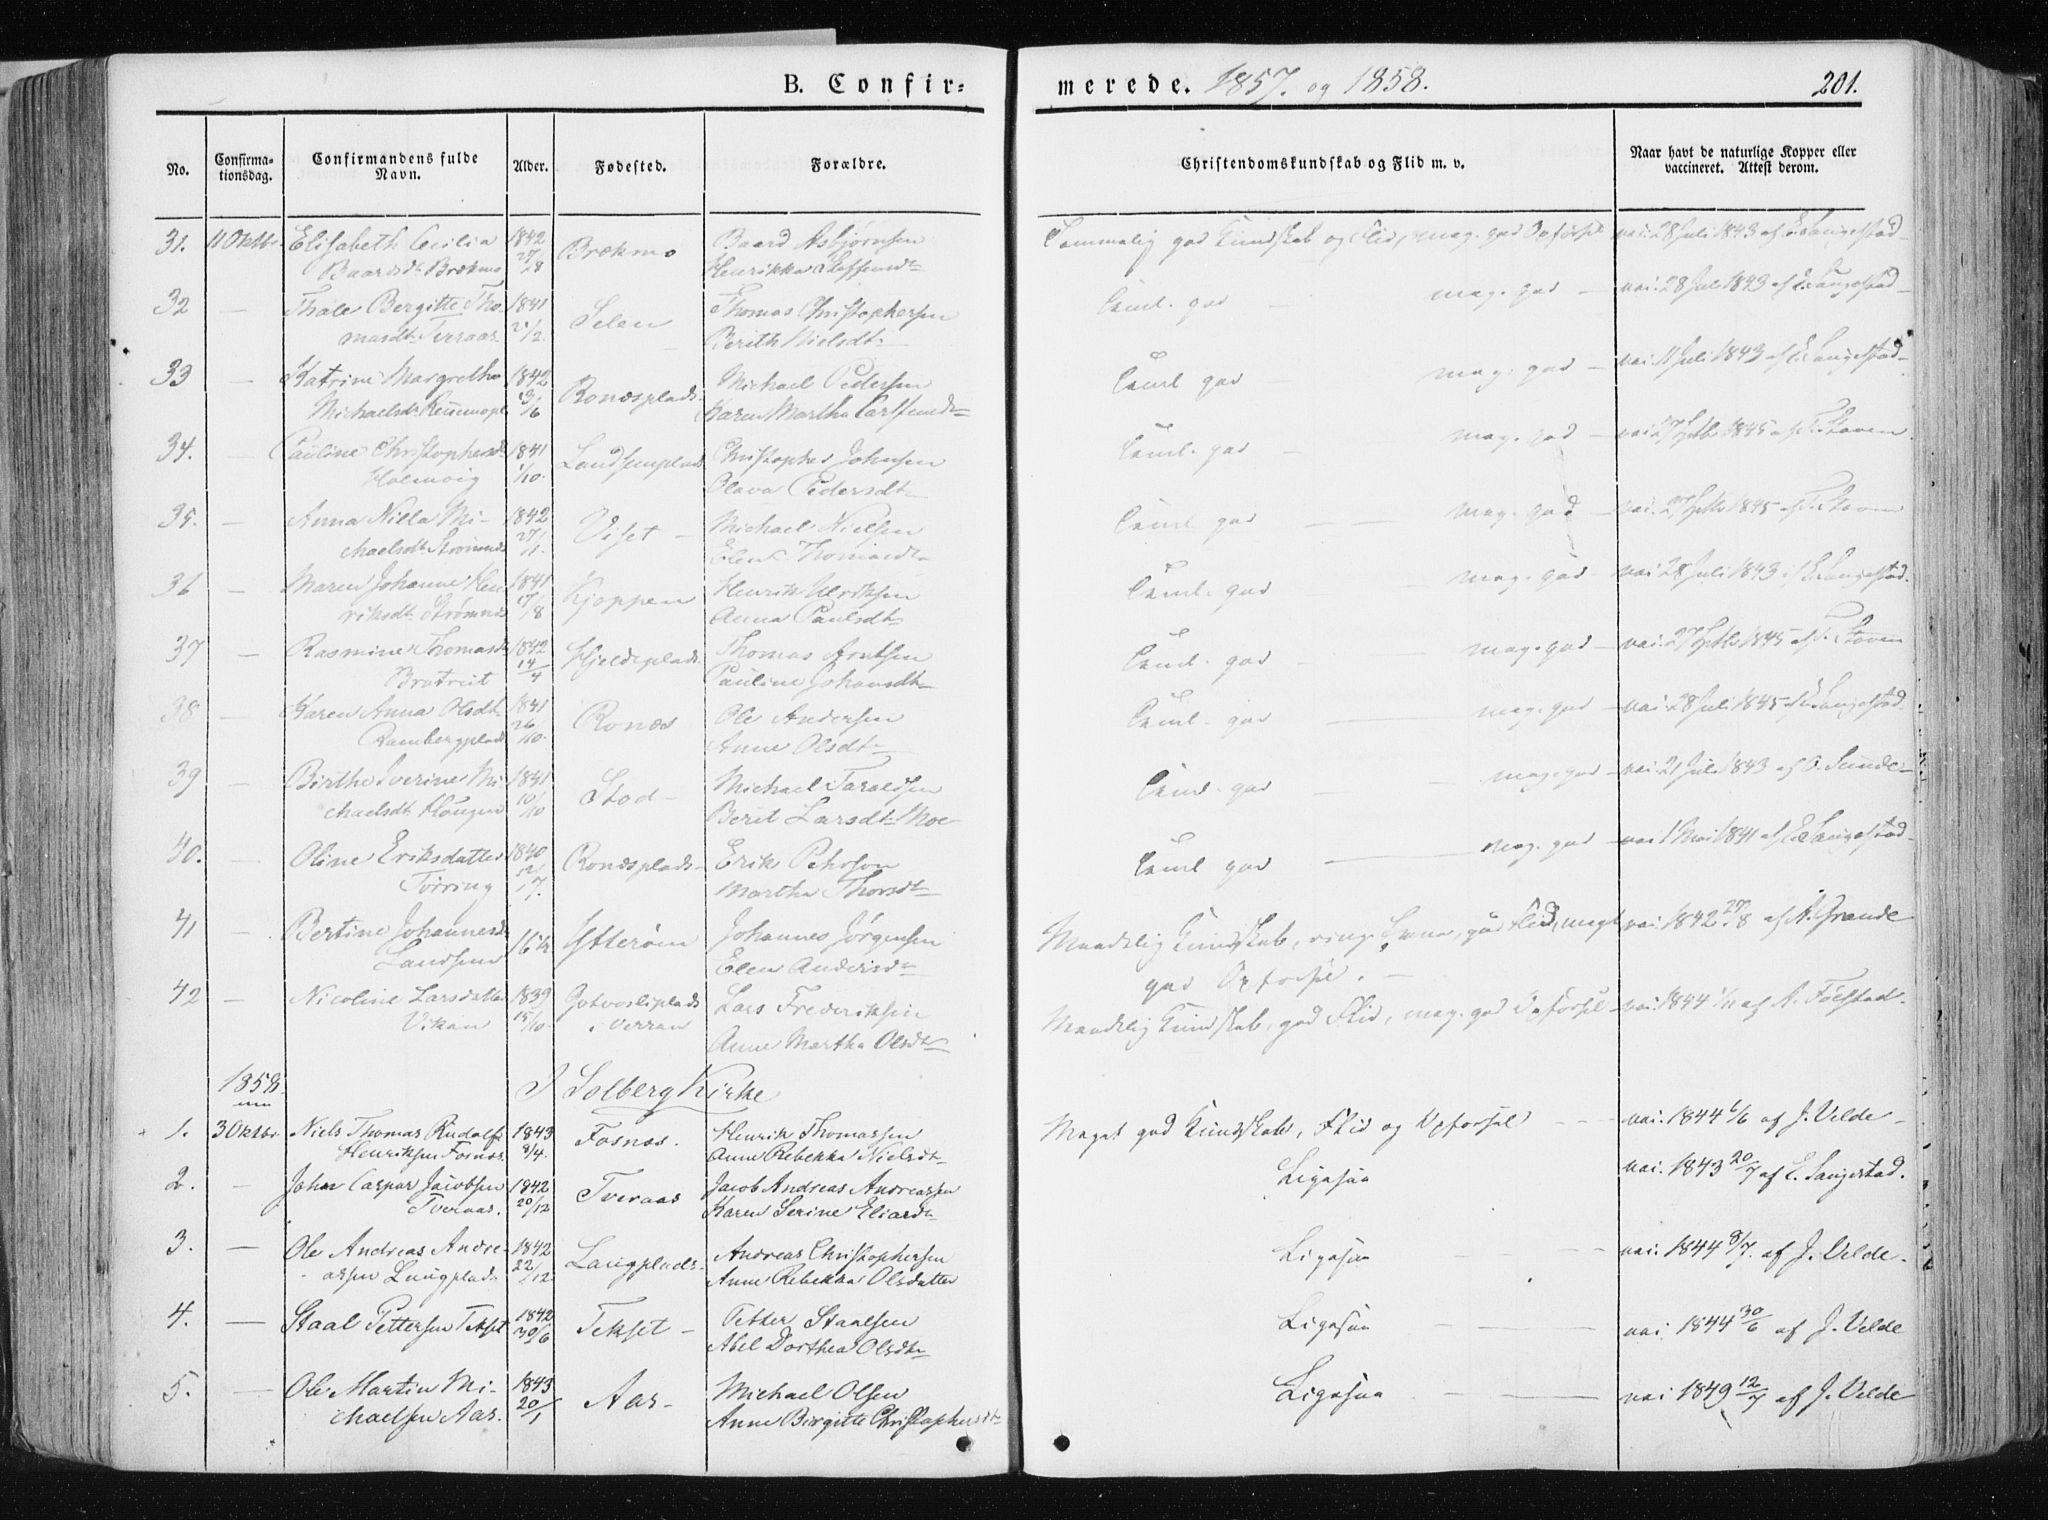 SAT, Ministerialprotokoller, klokkerbøker og fødselsregistre - Nord-Trøndelag, 741/L0393: Ministerialbok nr. 741A07, 1849-1863, s. 201